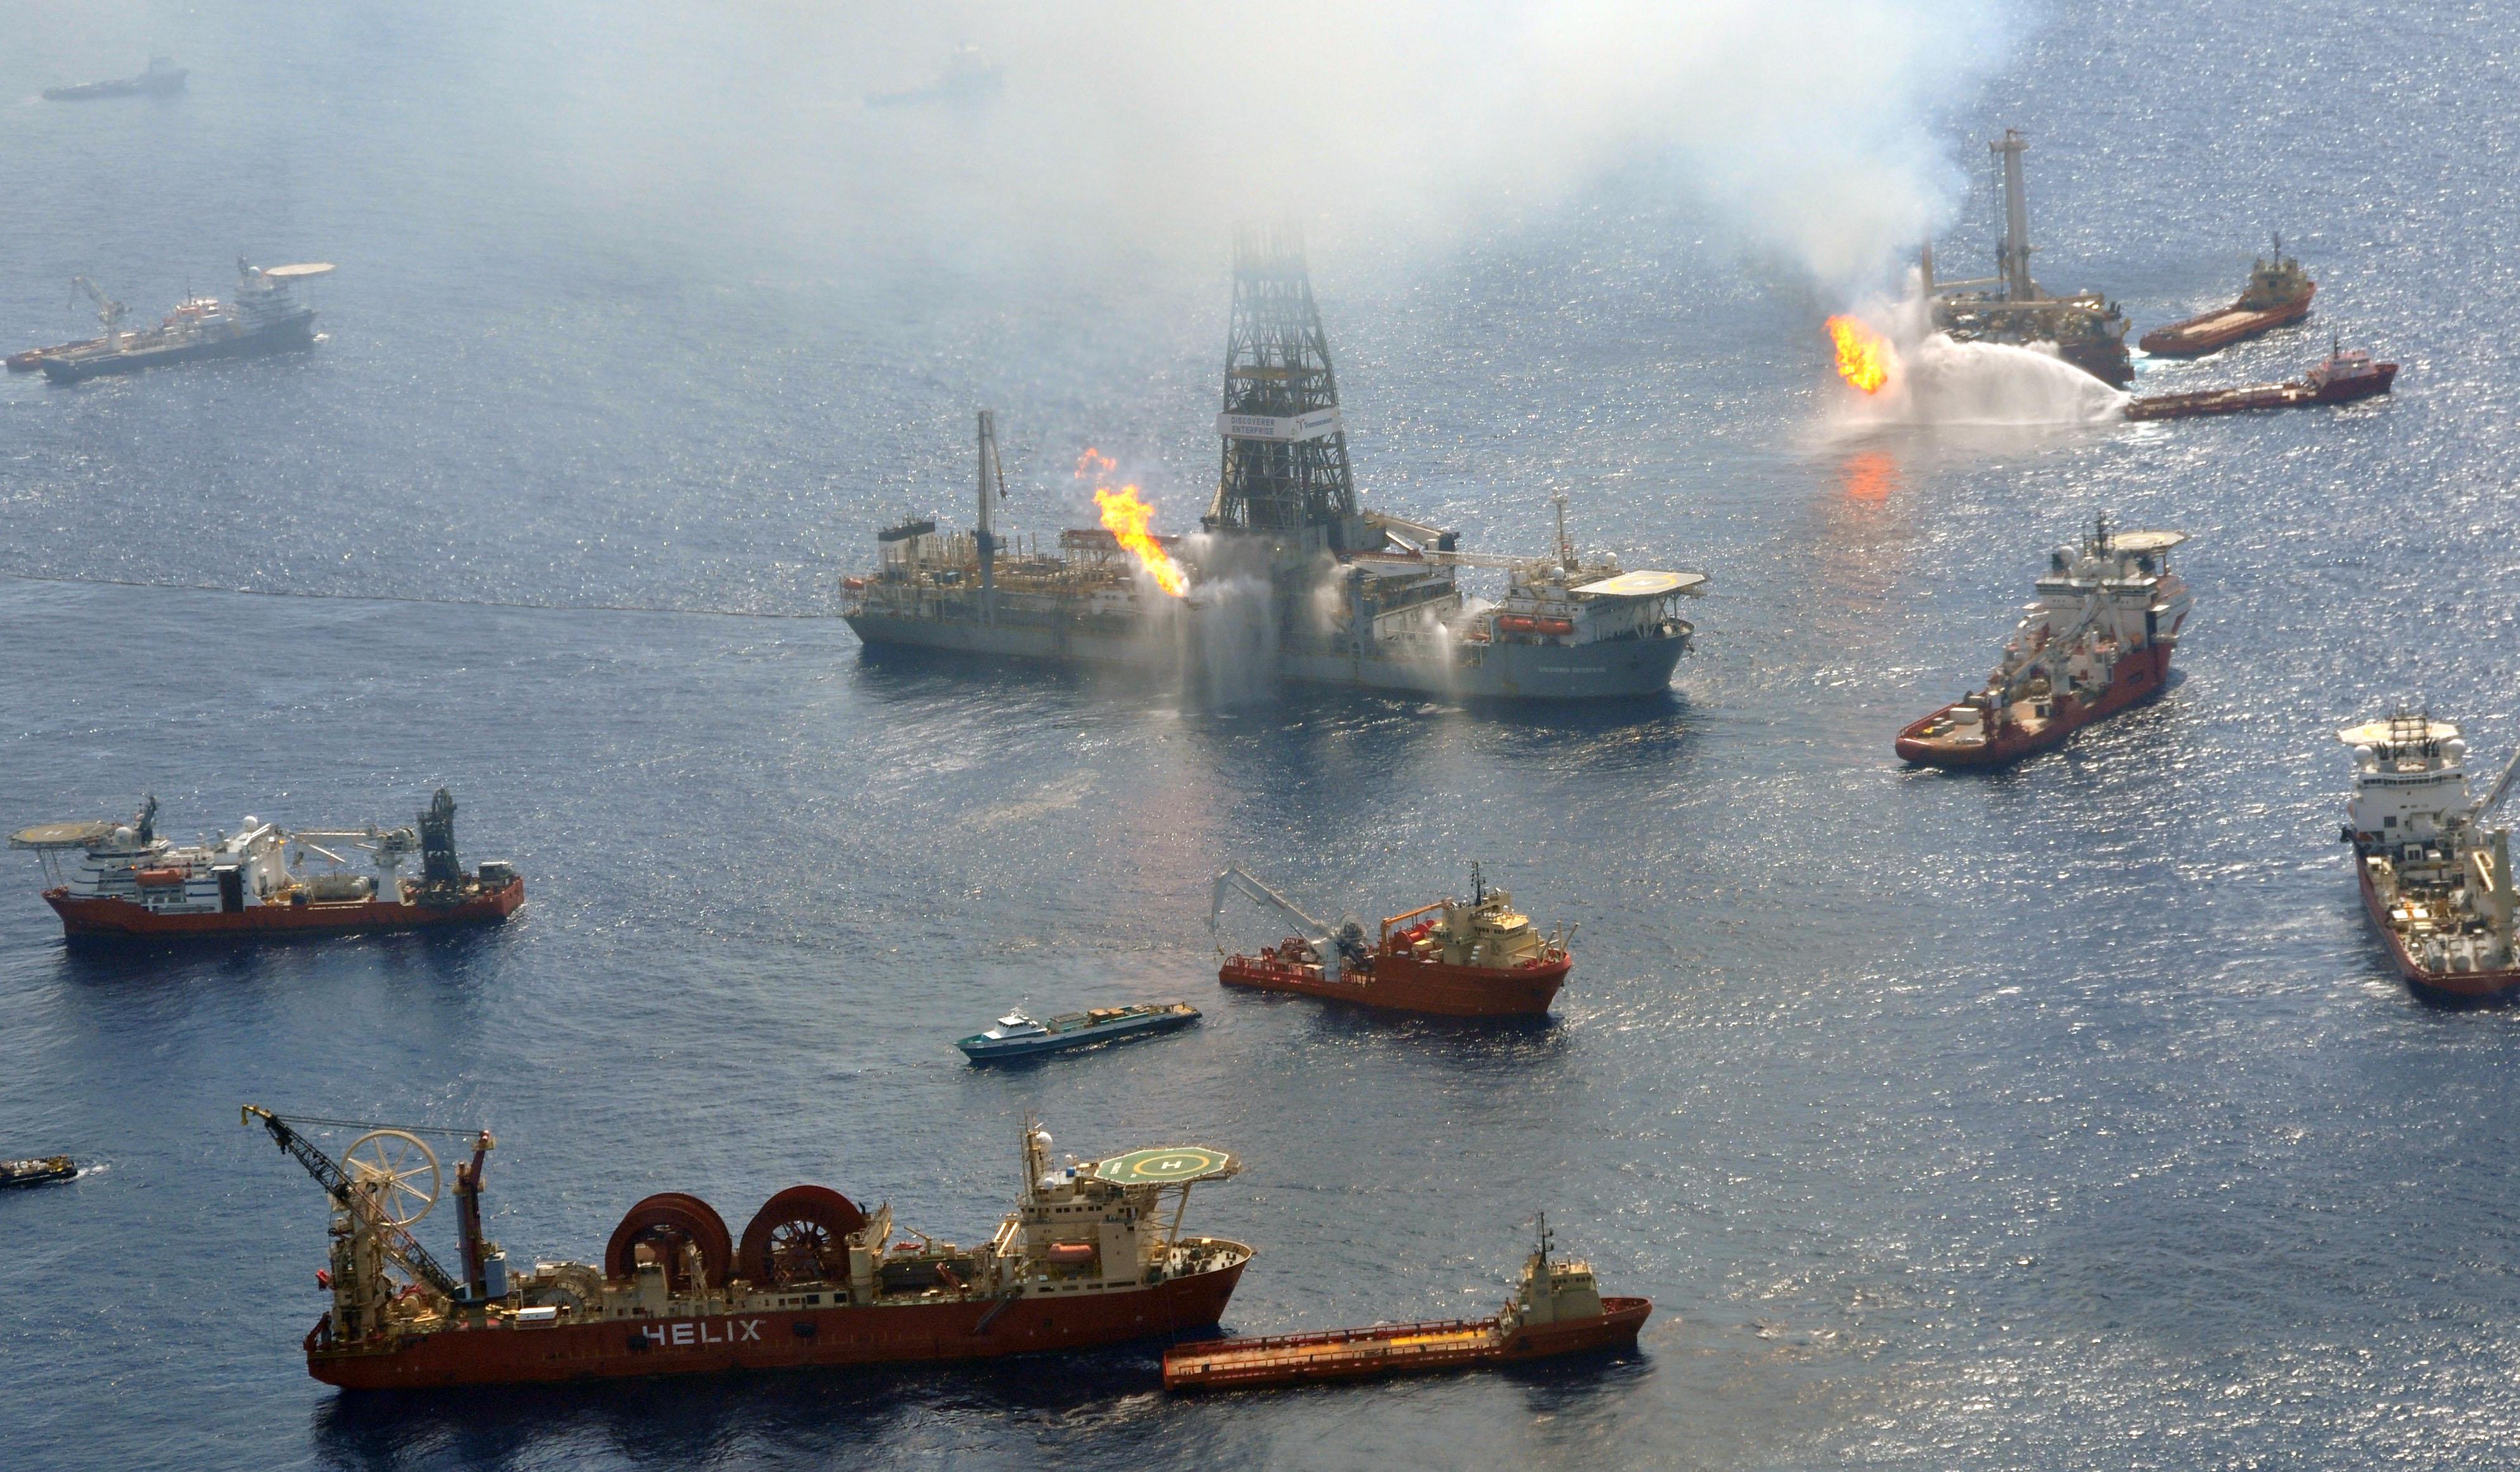 Viele ölreiche Länder sind geprägt von Armut, Leid und unzähligen Konflikten. Guyana könnte durch die Ölförderung zum nächsten Krisenherd werden.